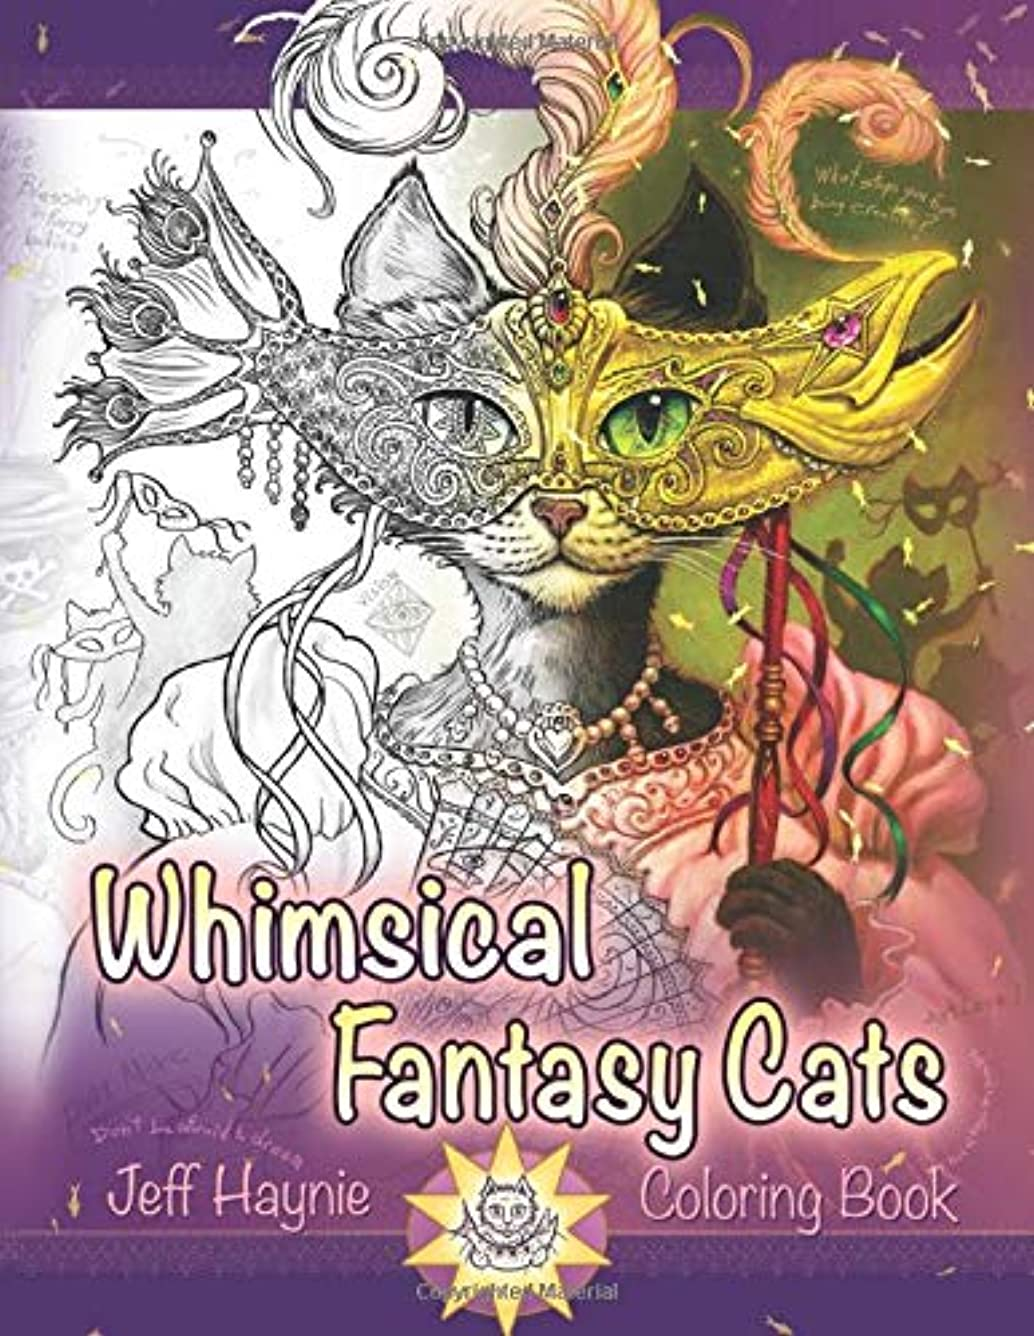 品種年金受給者ボタンWhimsical Fantasy Cats